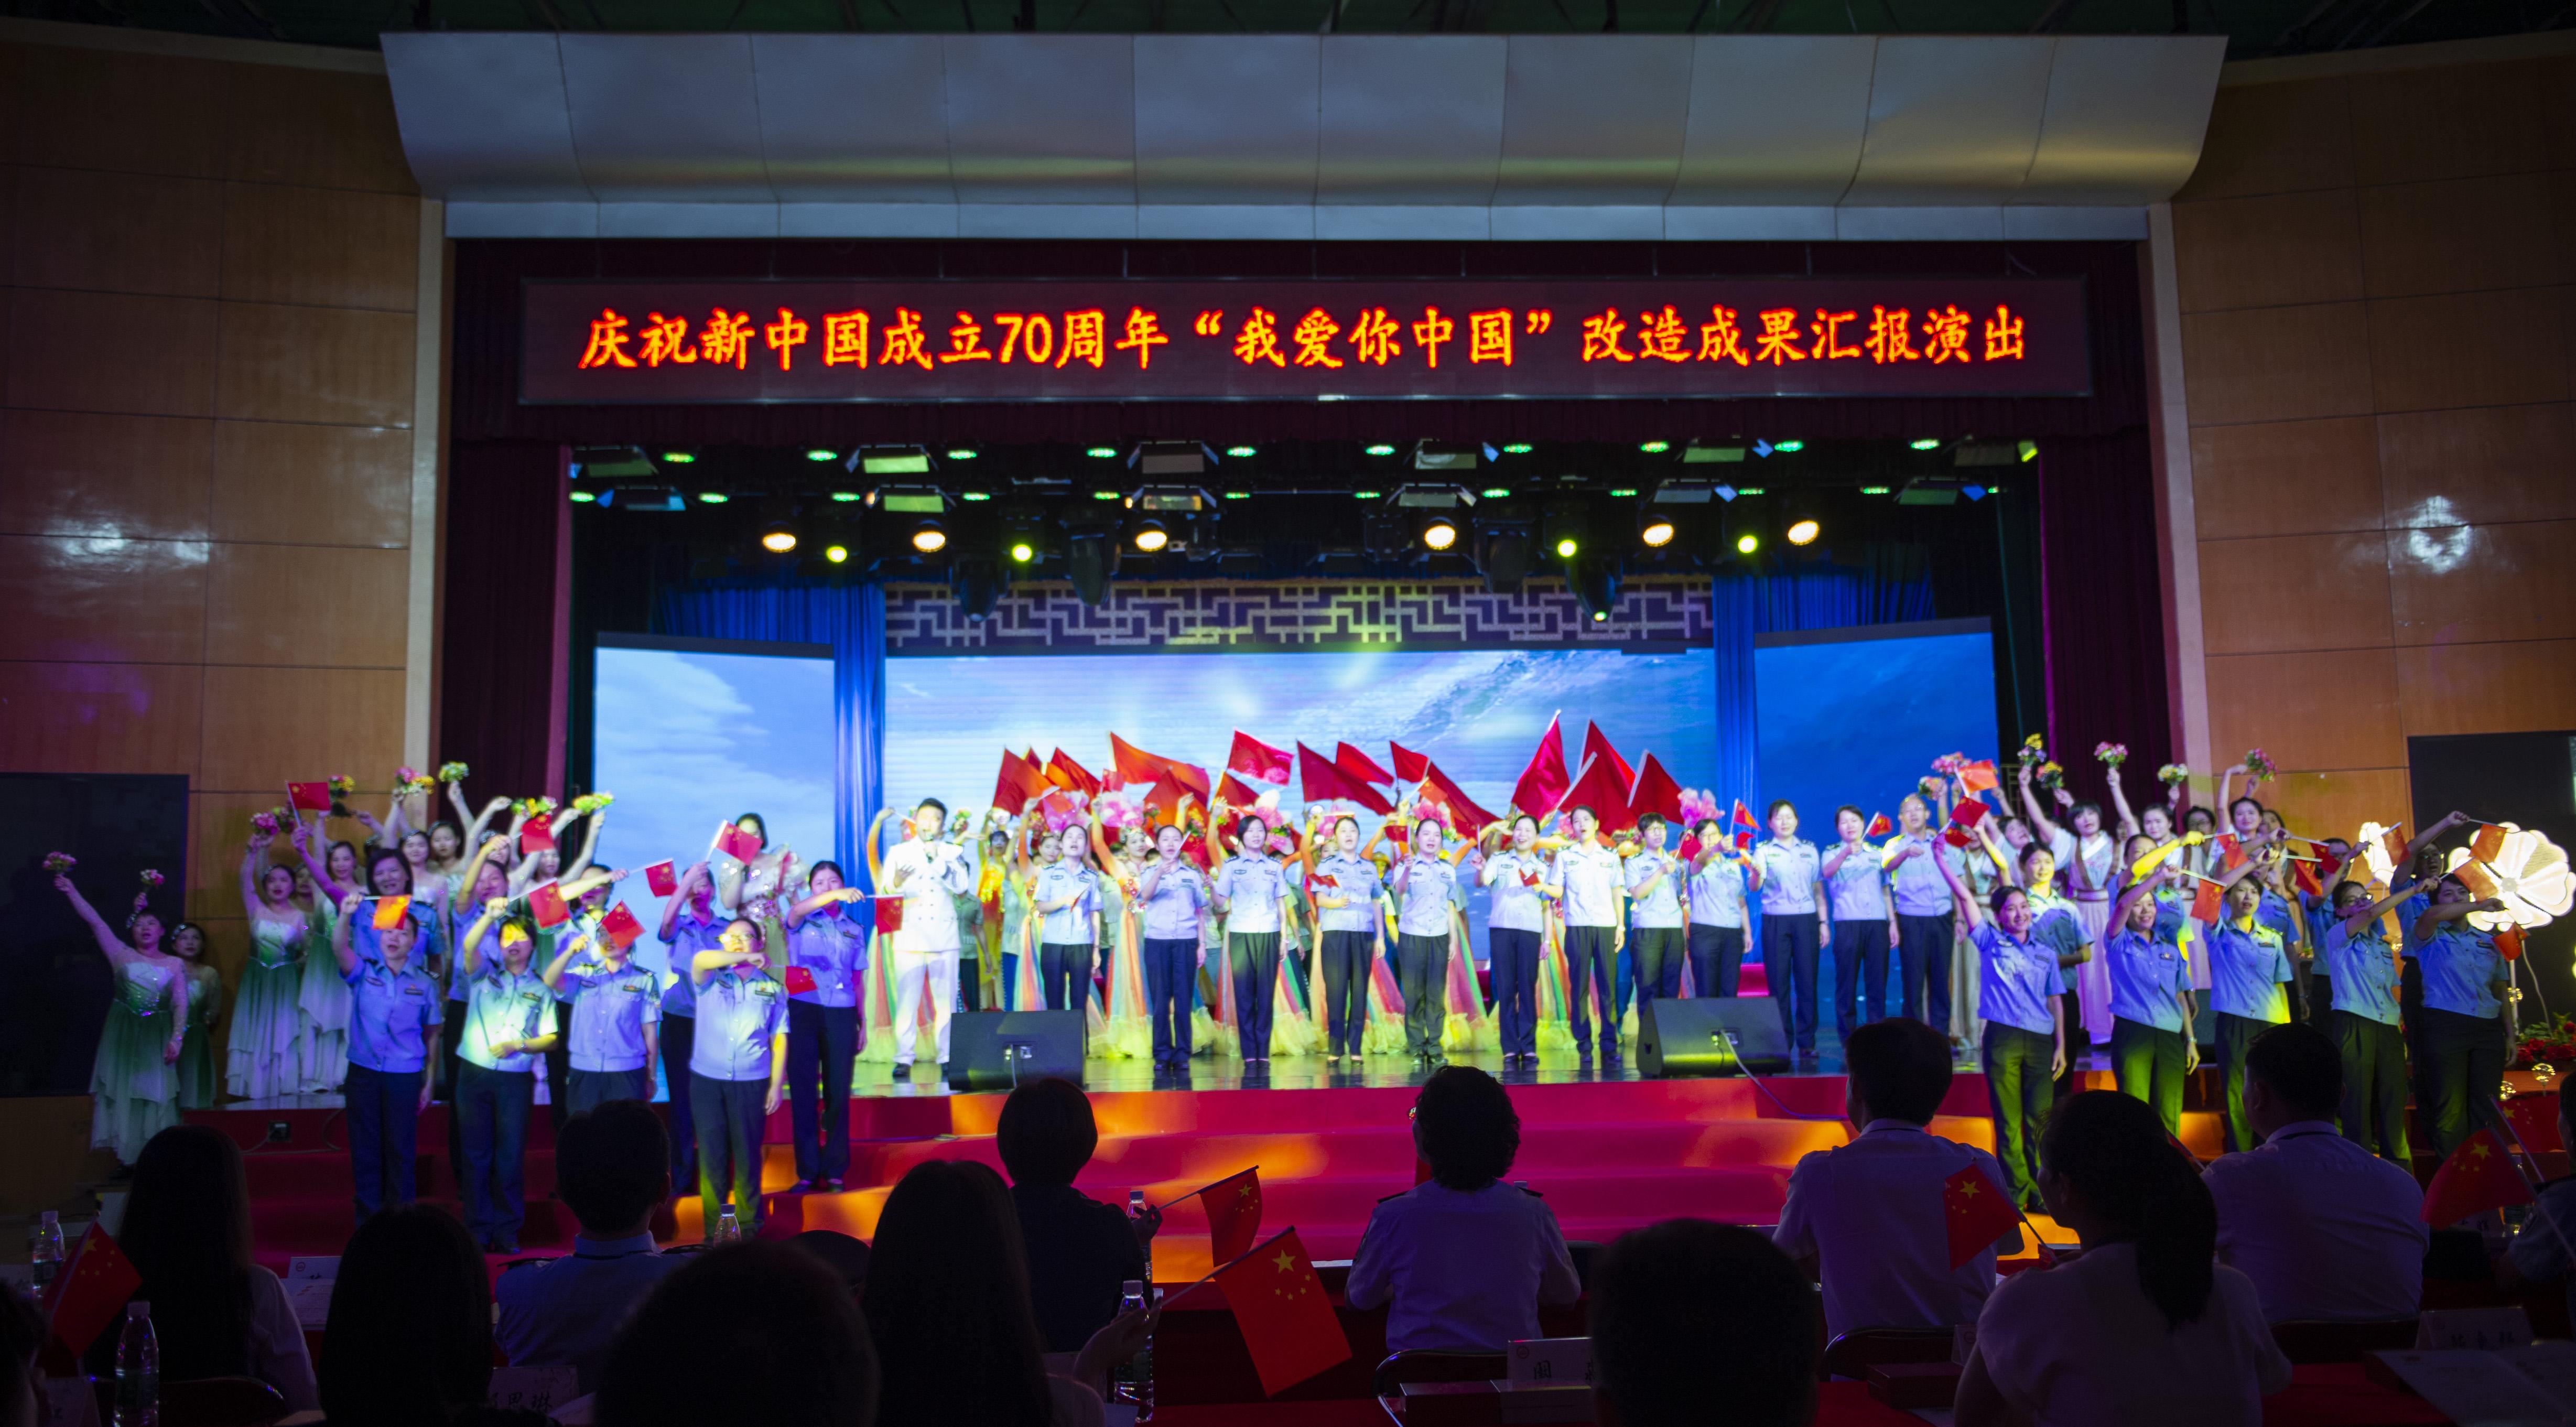 """广东省女子监狱:高墙内唱响""""我和我的祖国"""""""